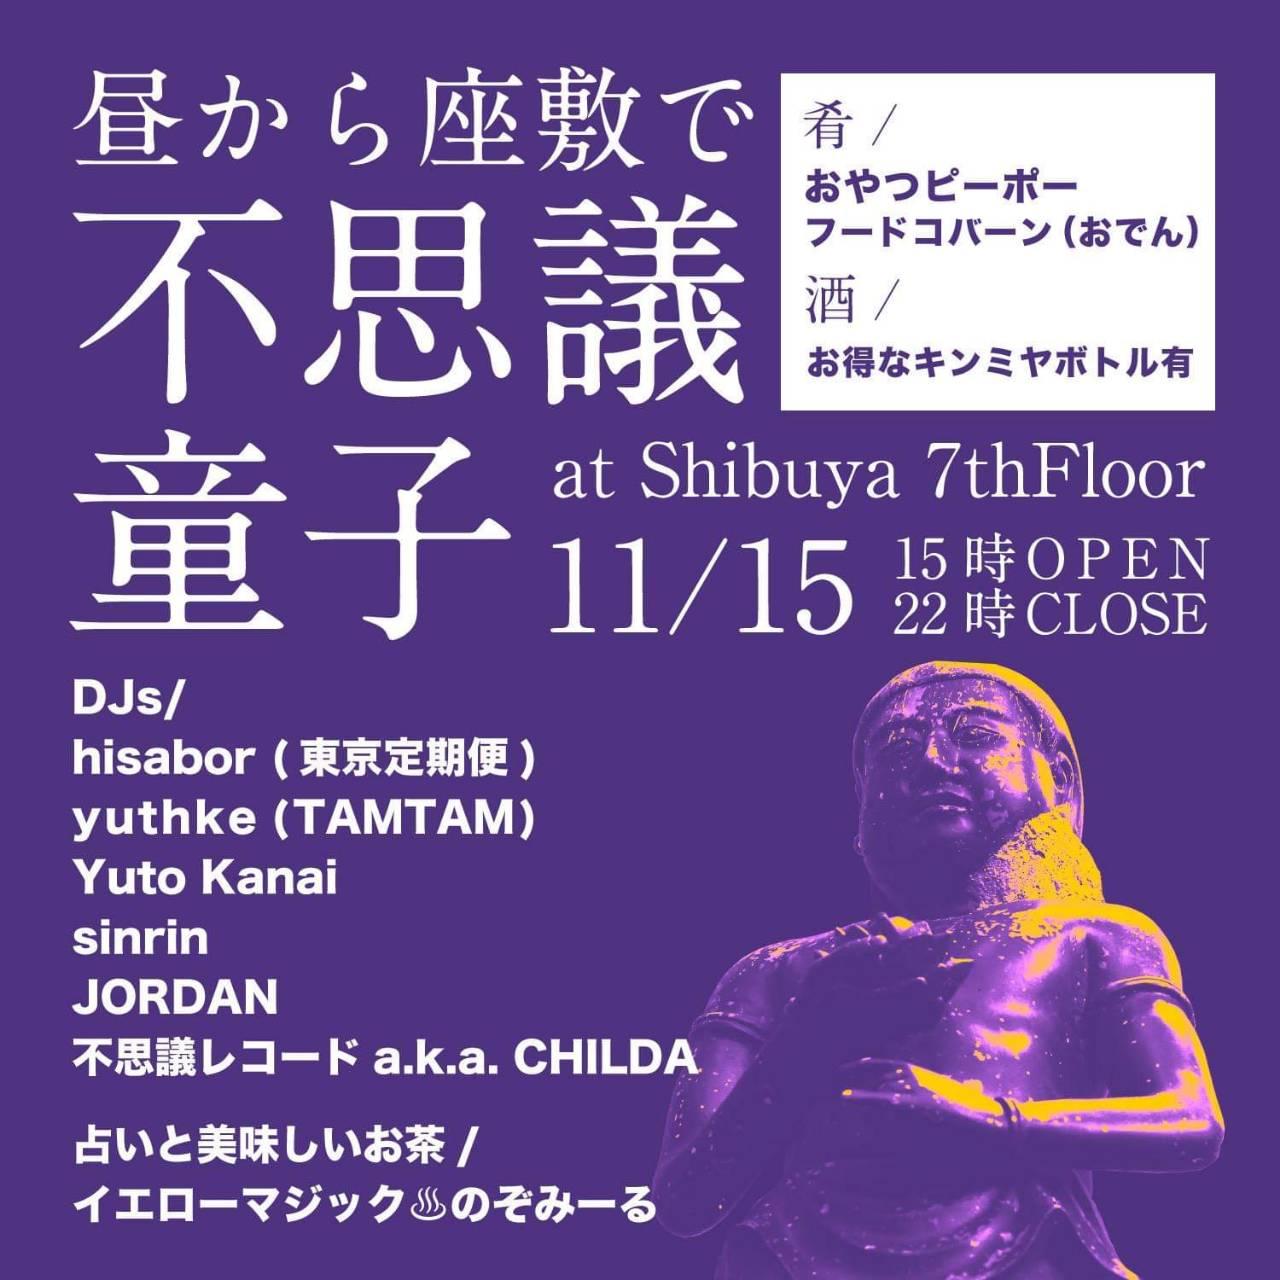 不思議レコードa.k.a. CHILDA / Yuto Kanai / yuthke (TAMTAM) / sinrin / hisabor(東京定期便) / JORDAN